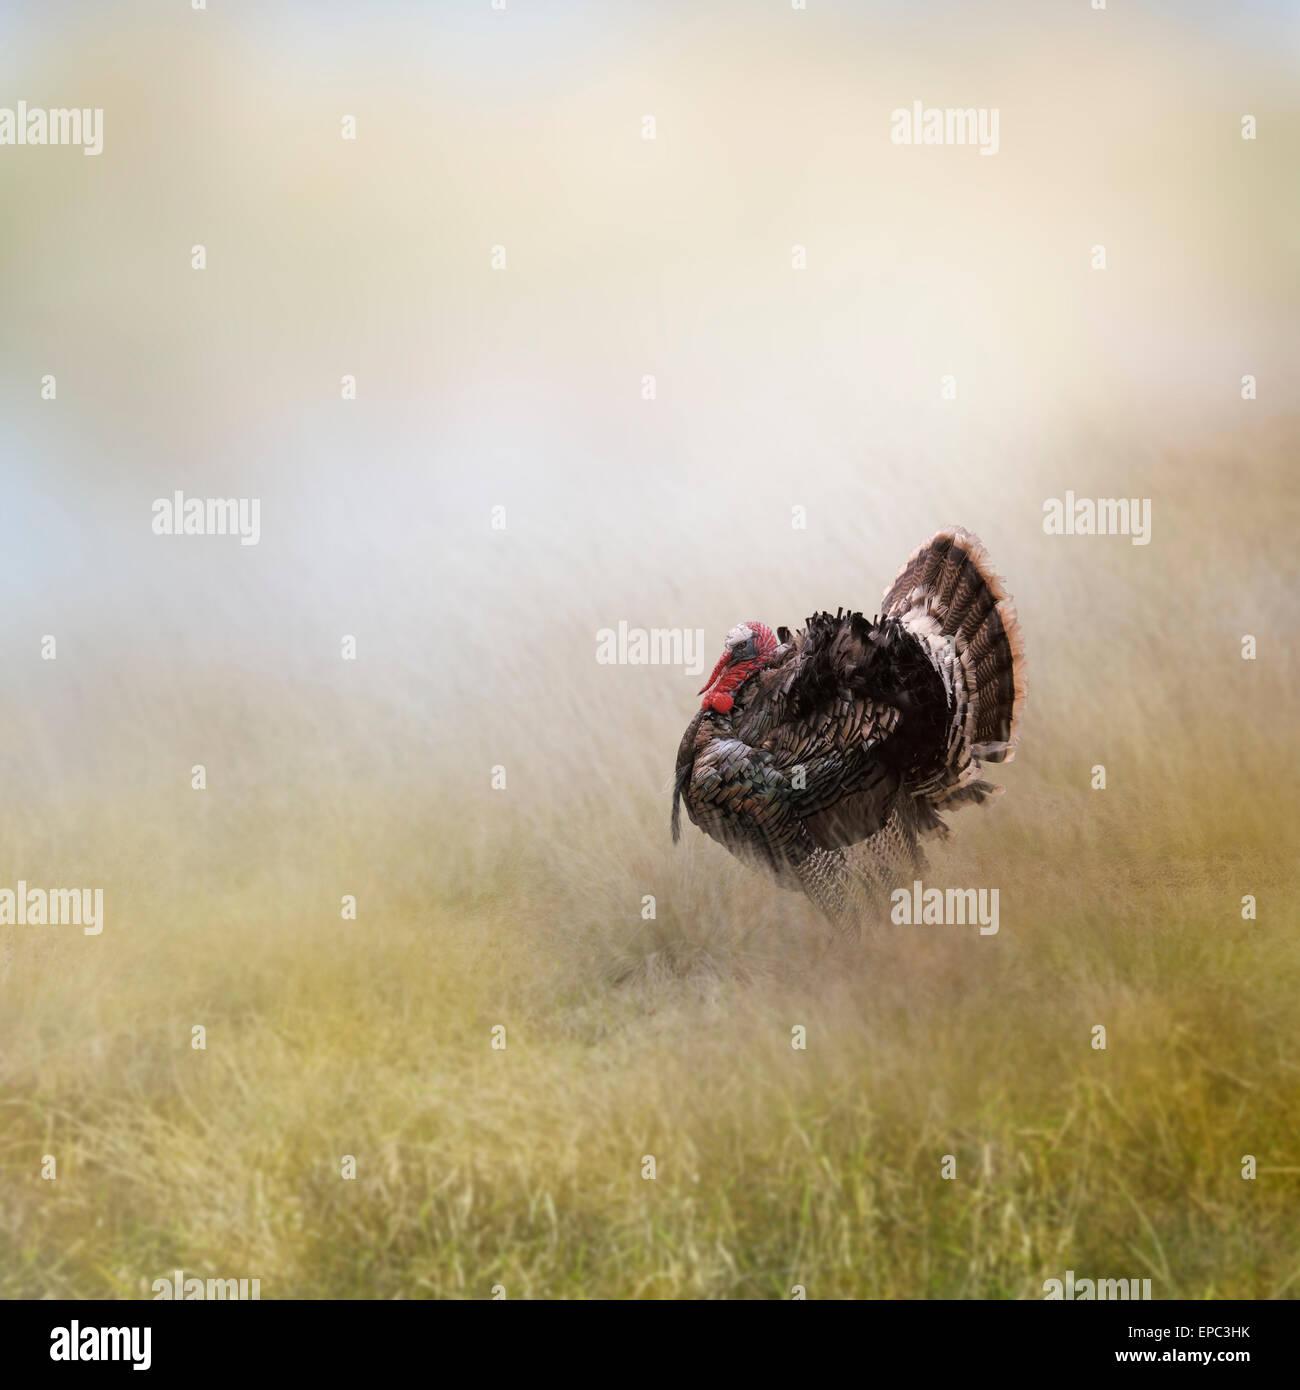 Turkey Male In A Field - Stock Image